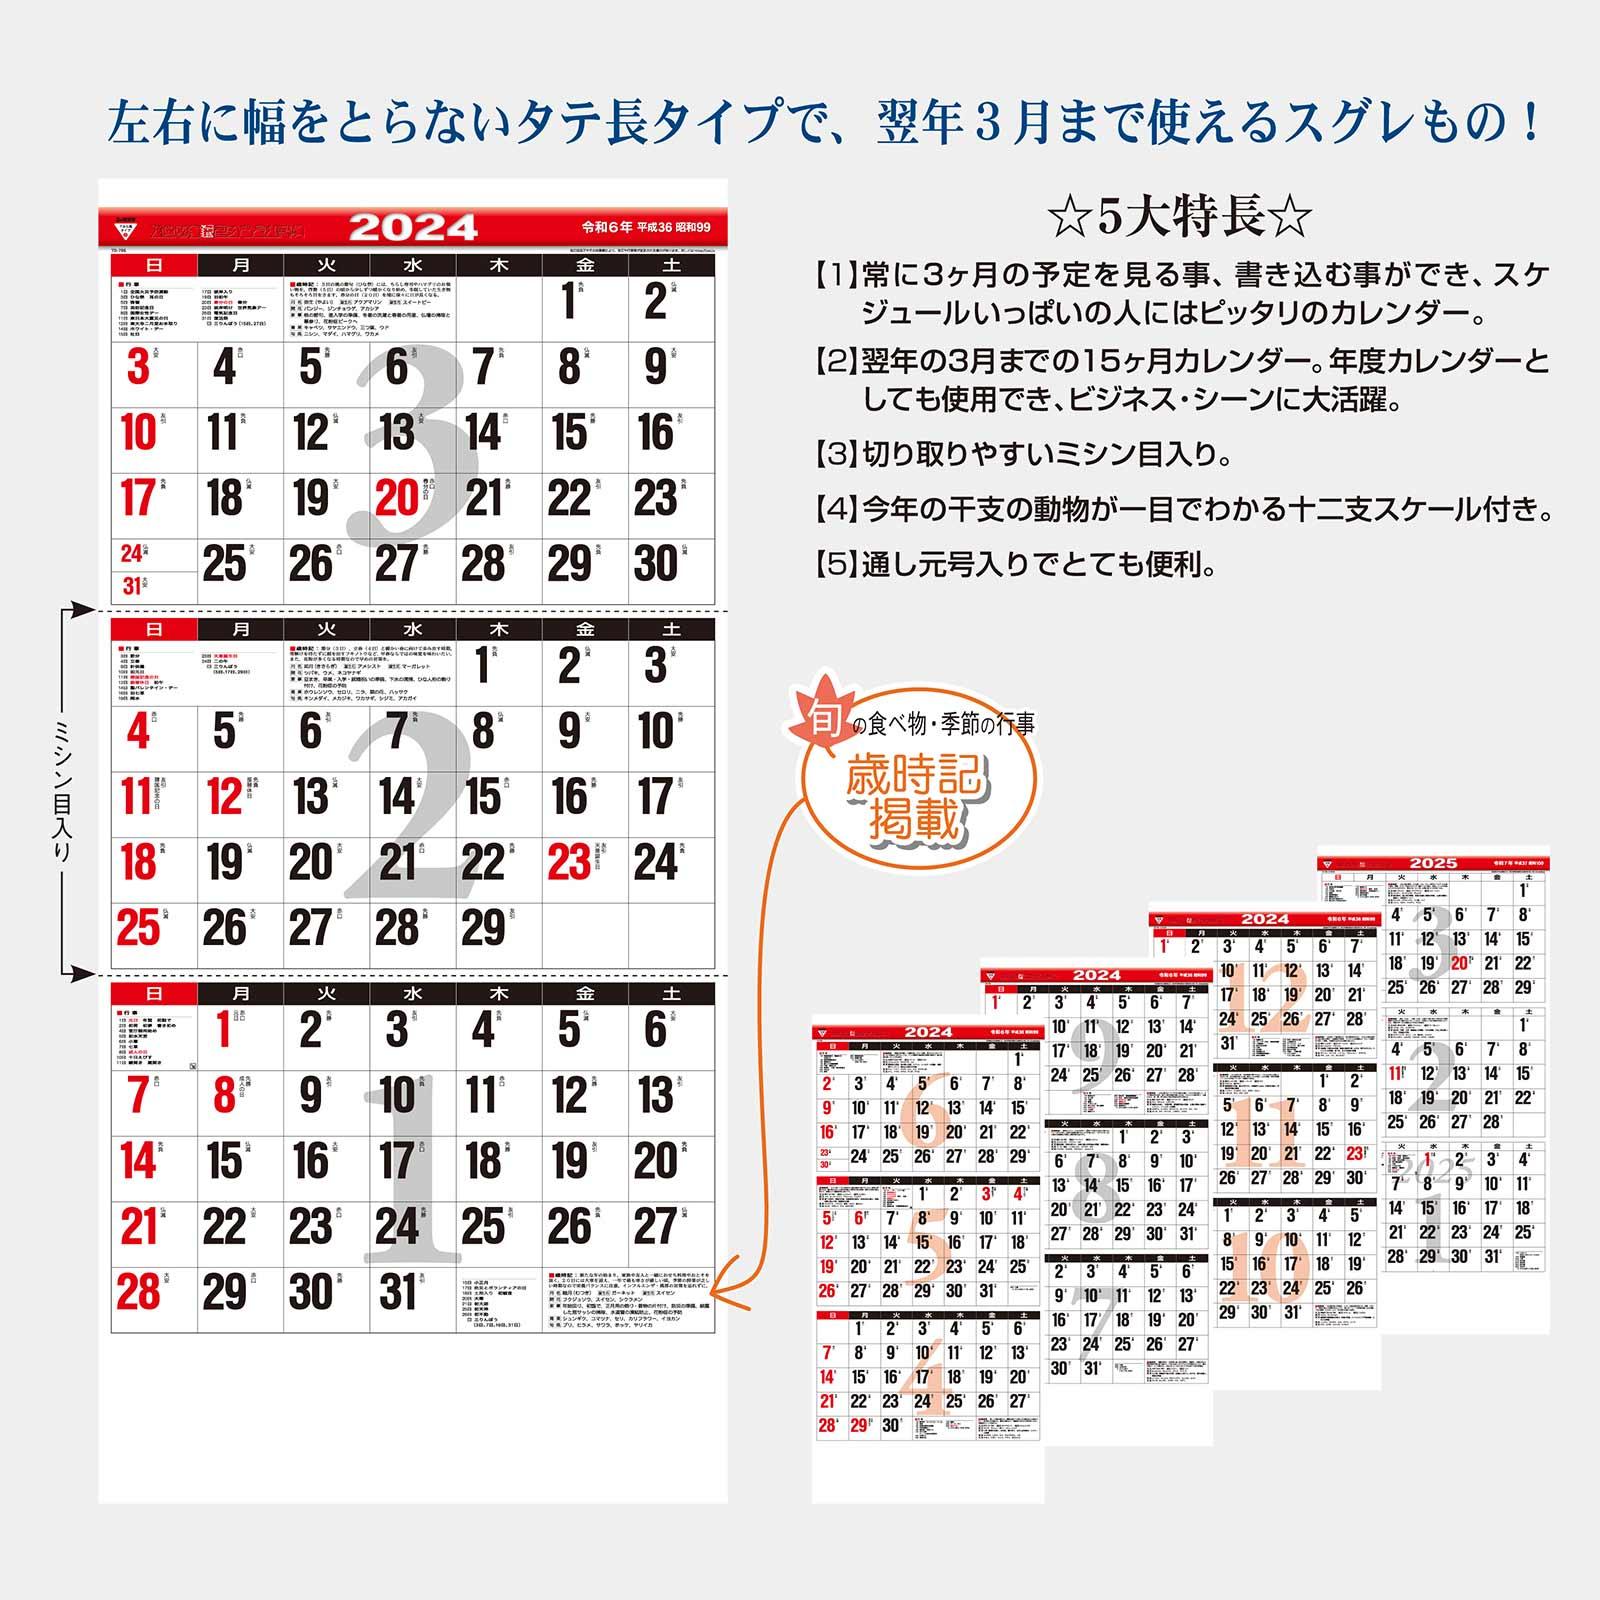 TD-795 3ヶ月文字(15ヶ月)−下から順タイプ−(2021年版)